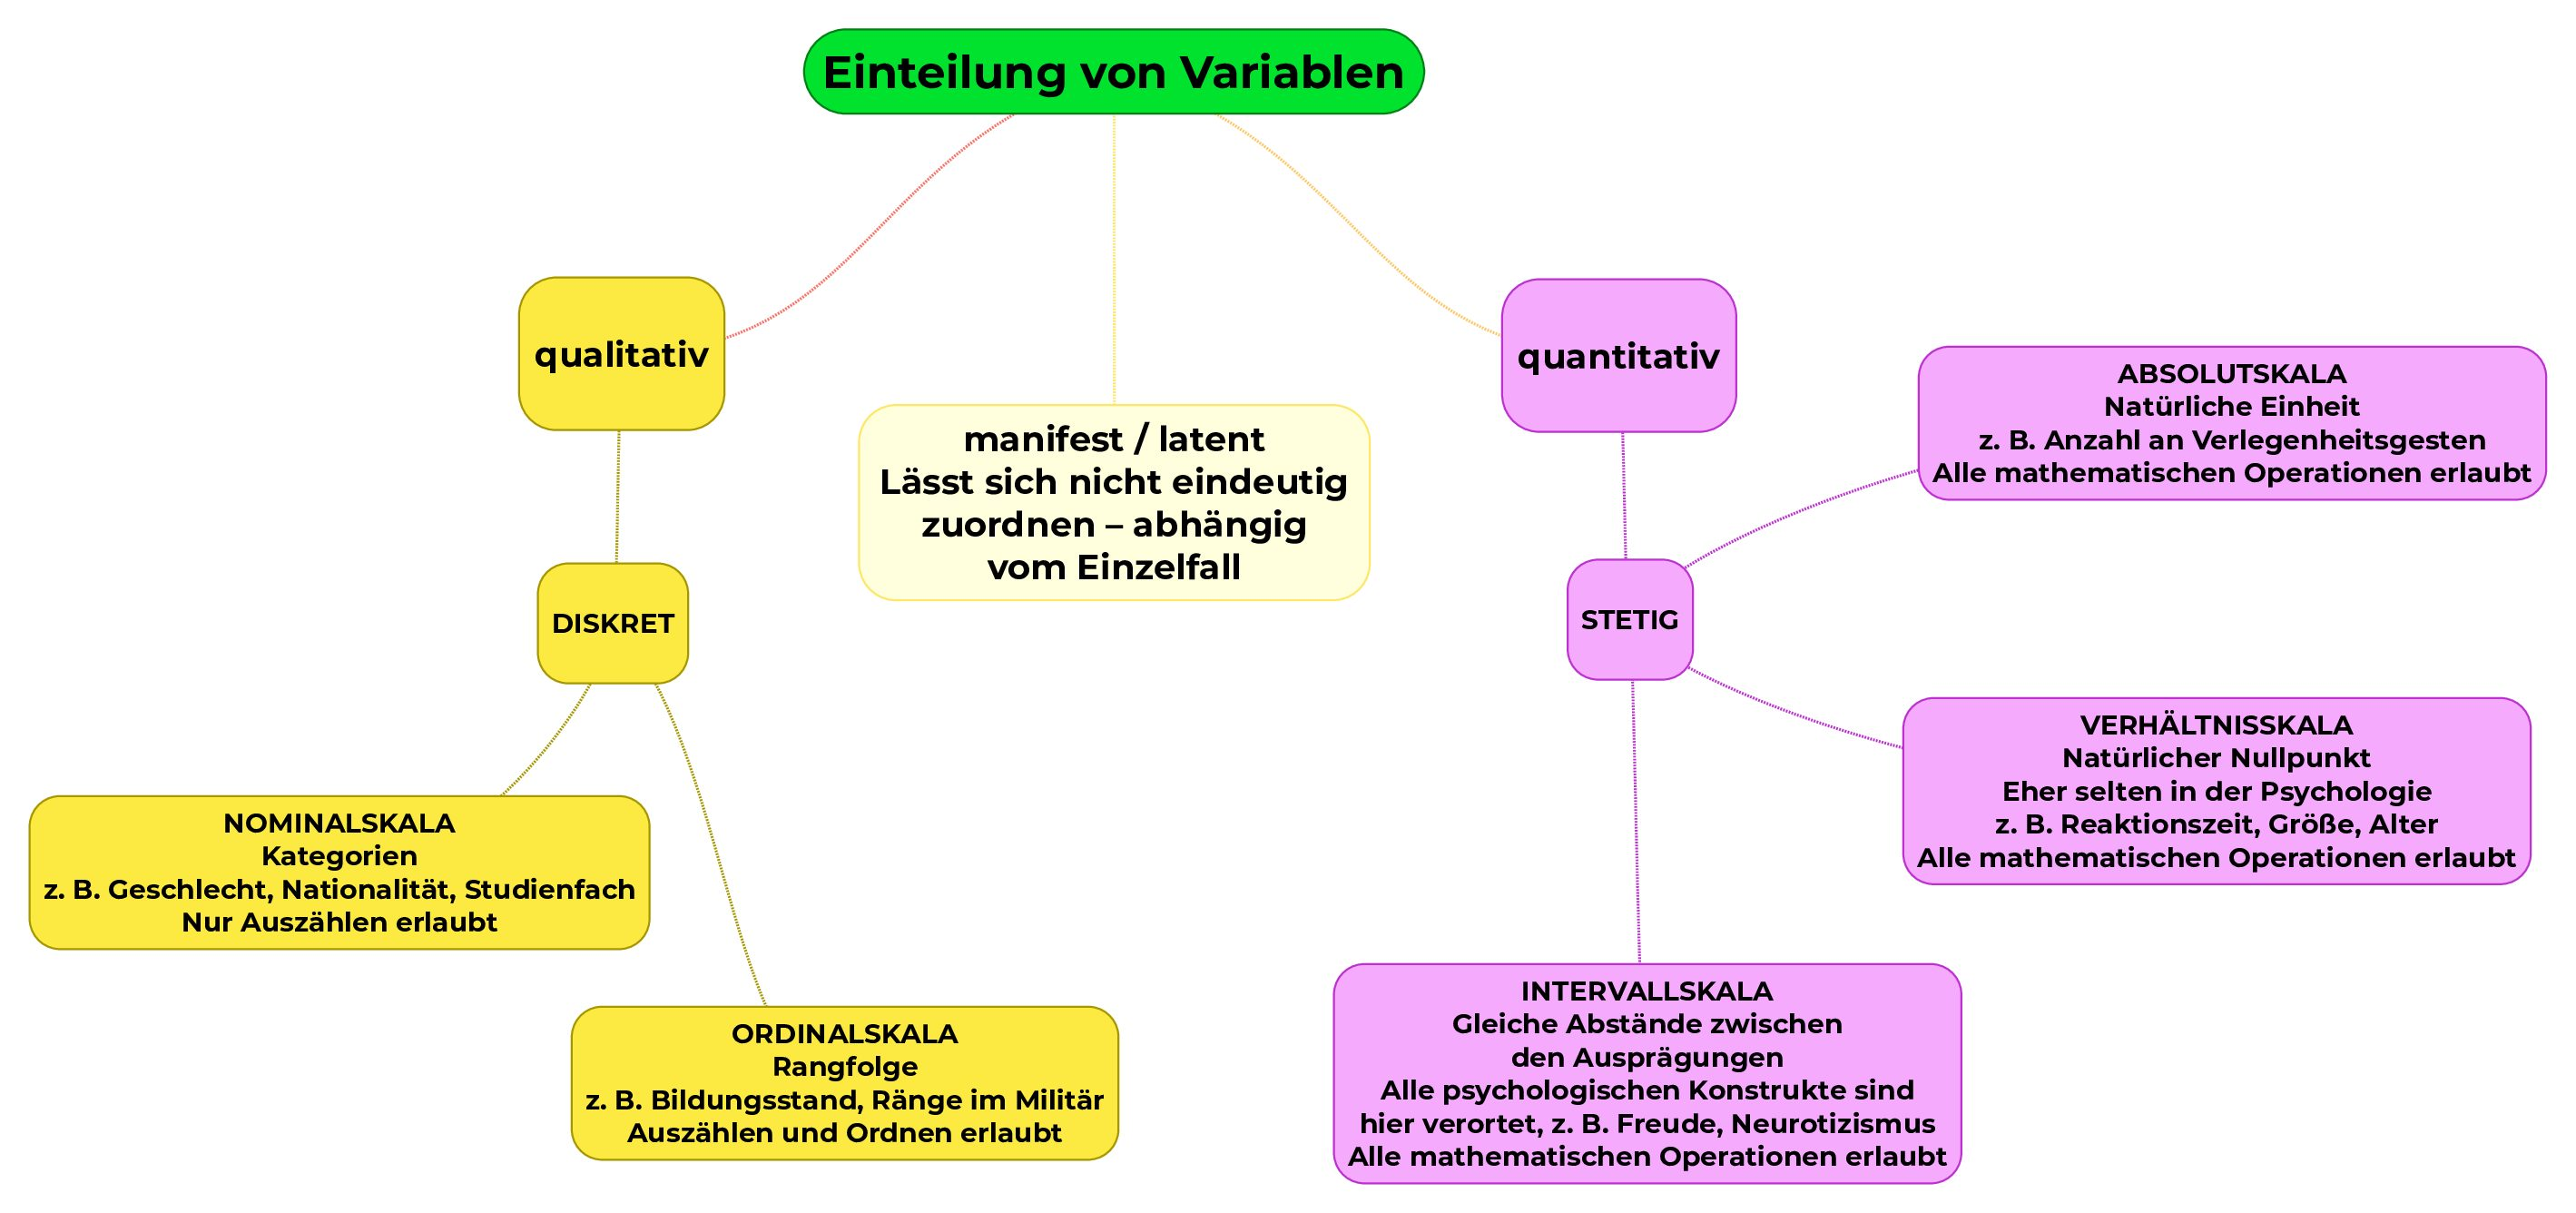 mindmap-einteilung-variablen